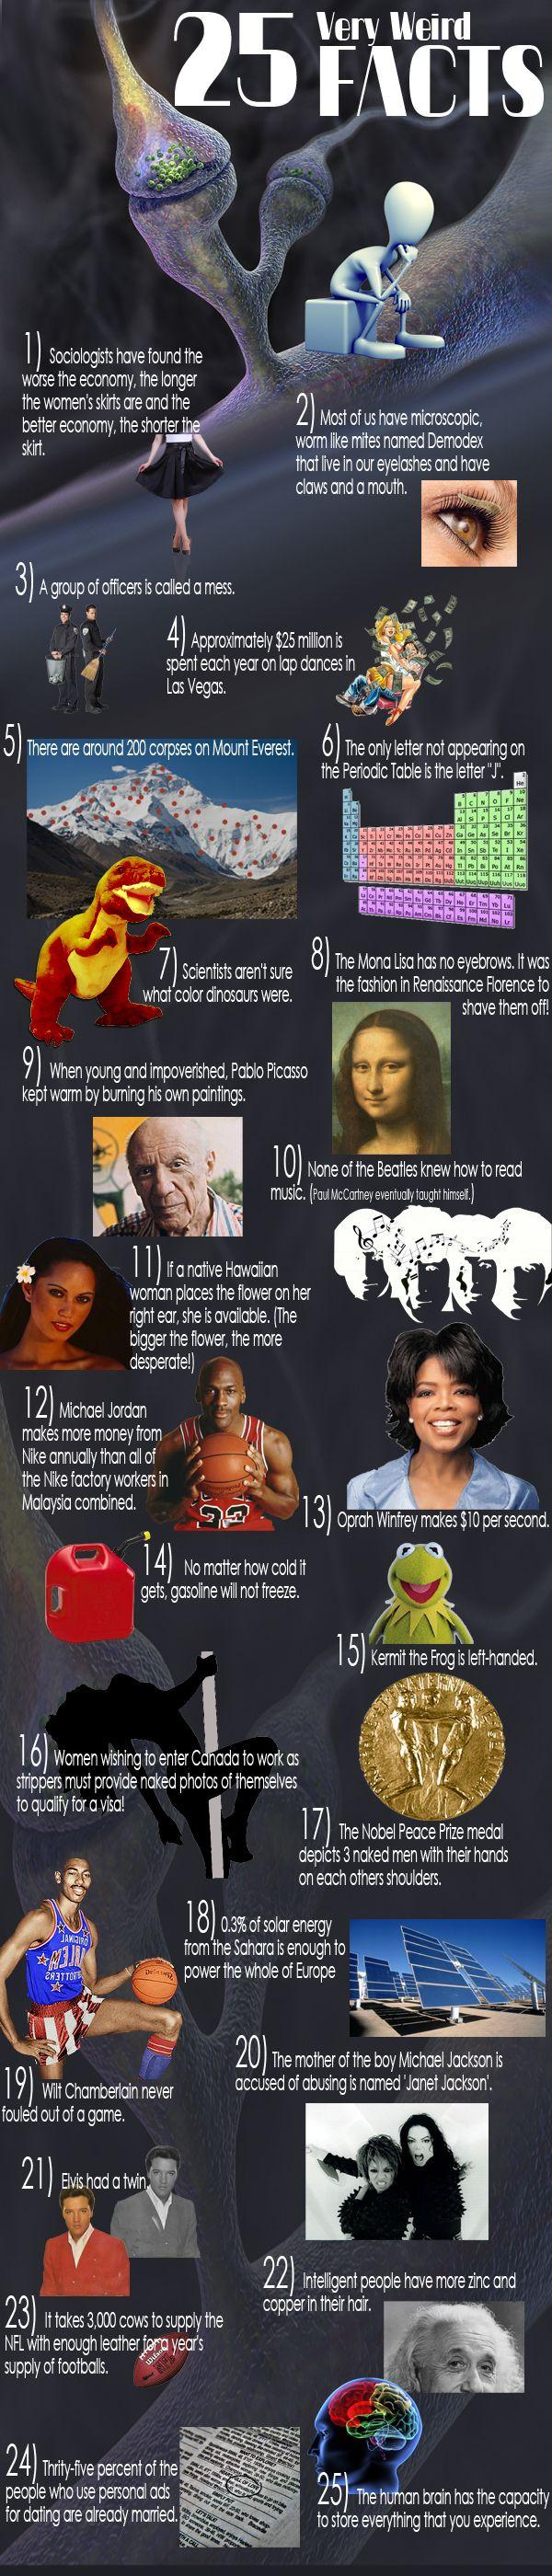 25 weird facts